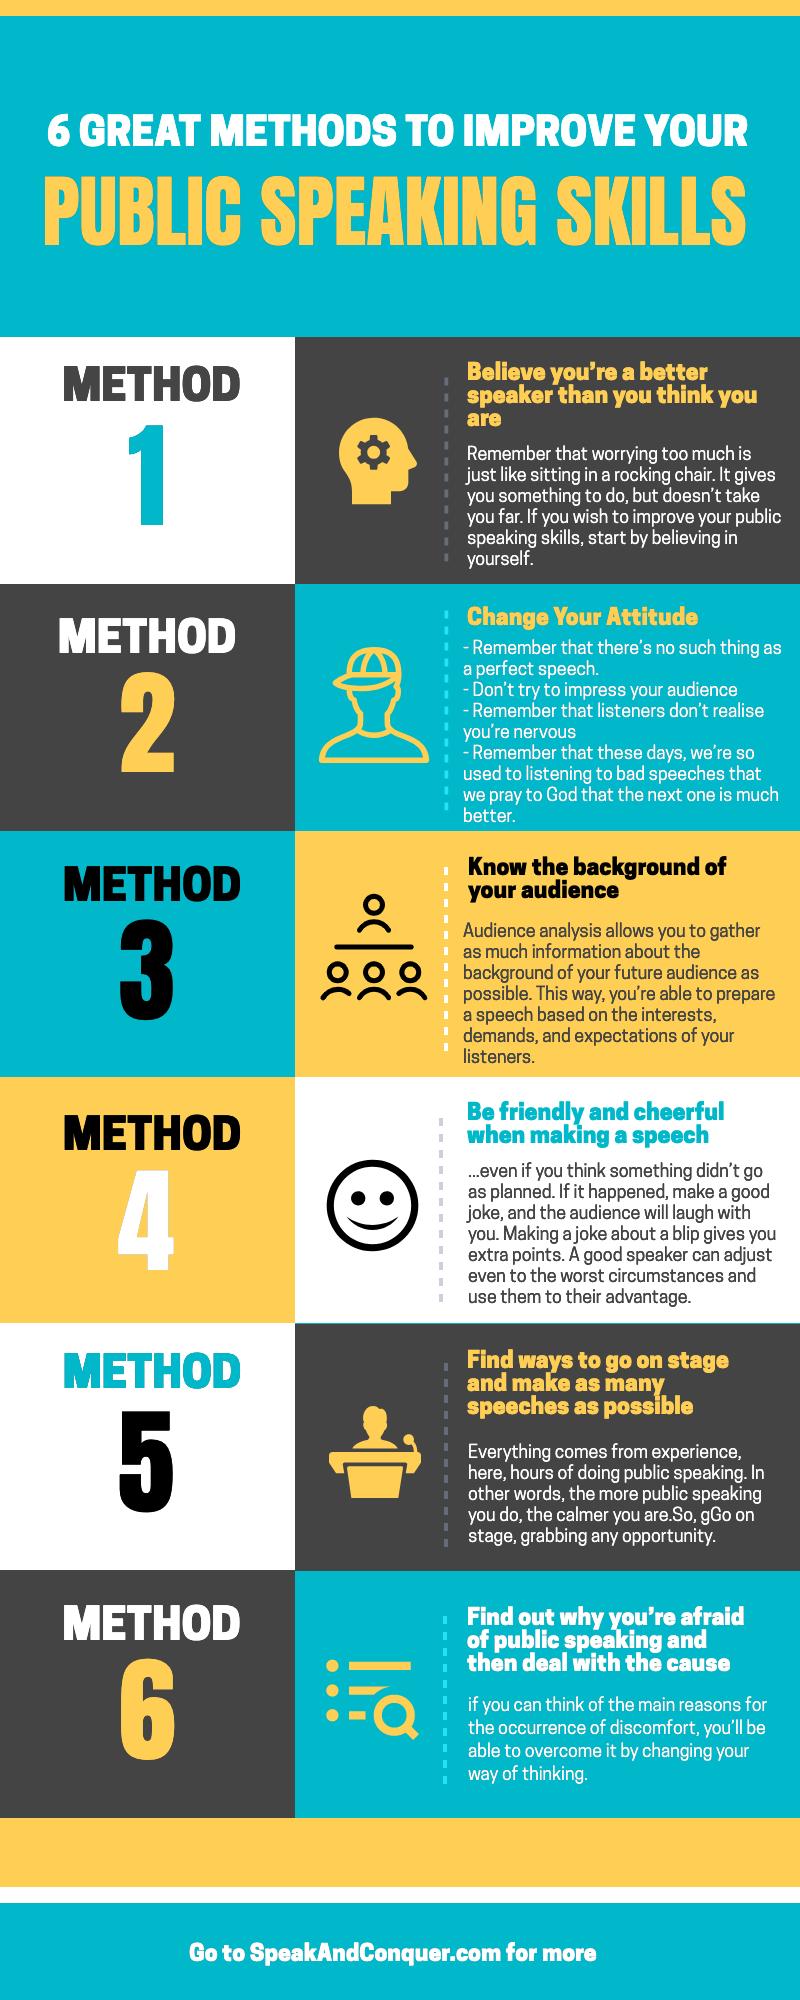 6 great methods to improve public speaking skills ...